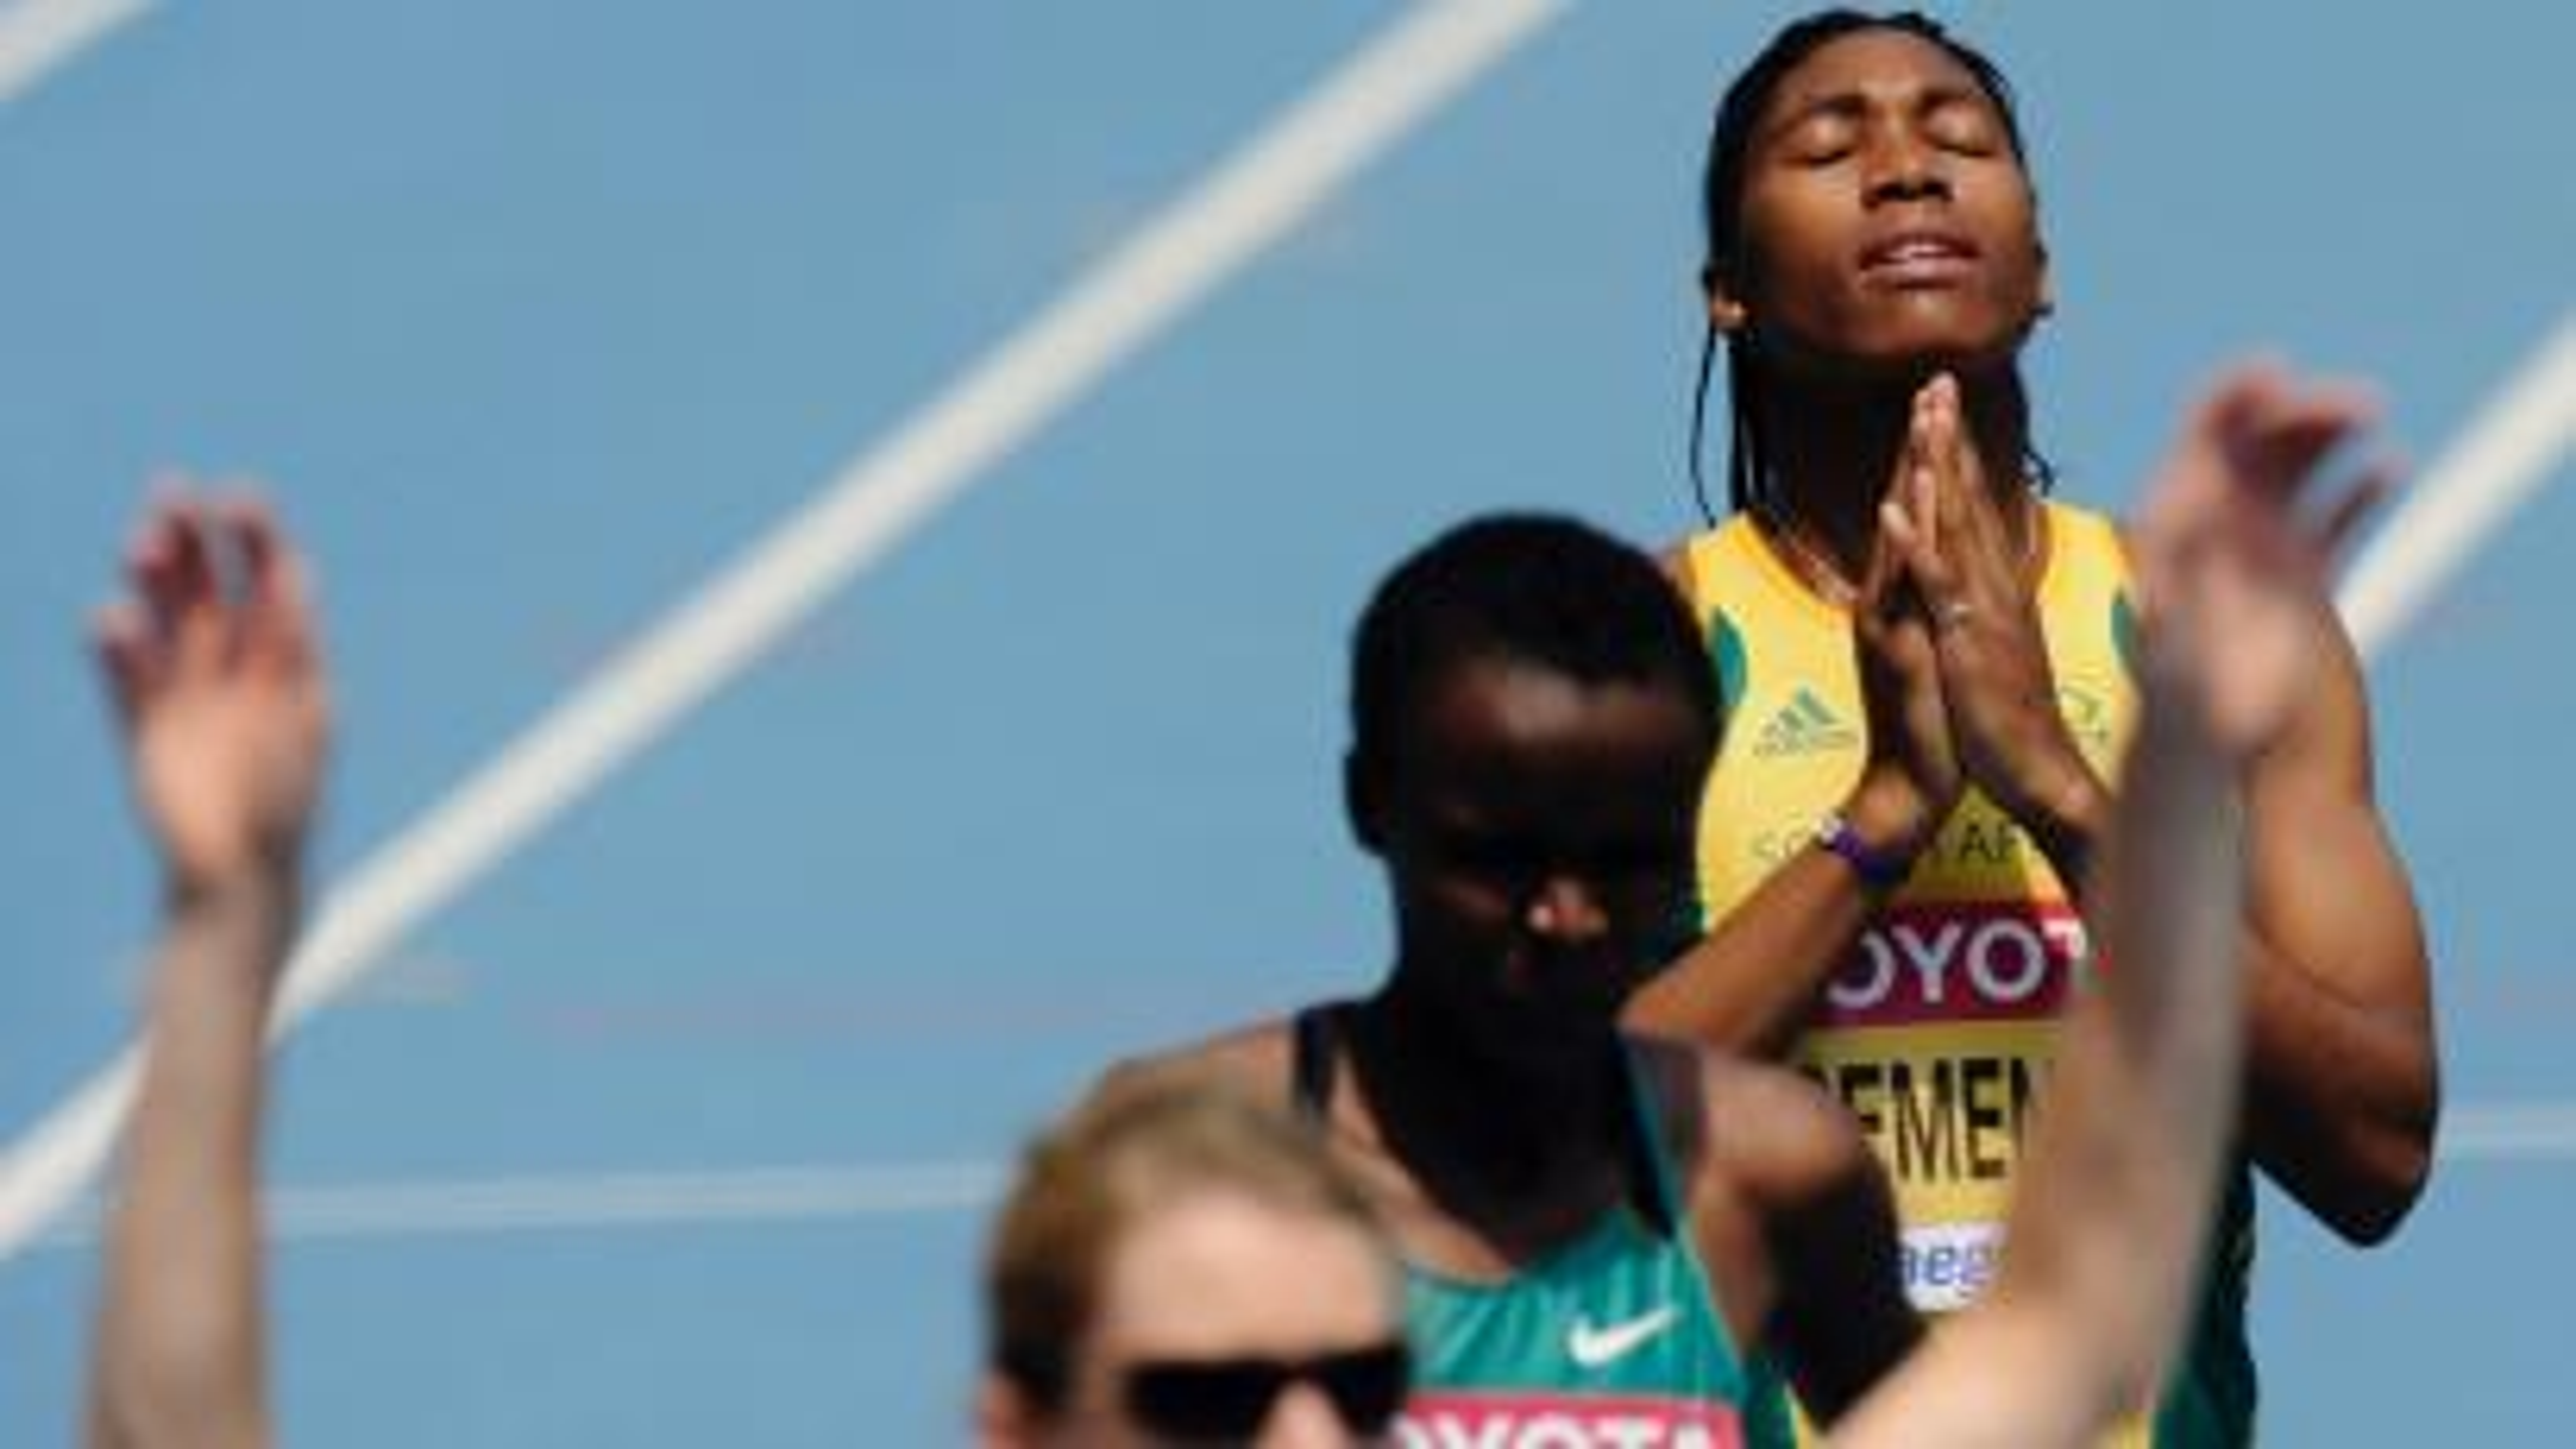 Caster Semenya ruling: Athlete may still challenge IAAF regulations